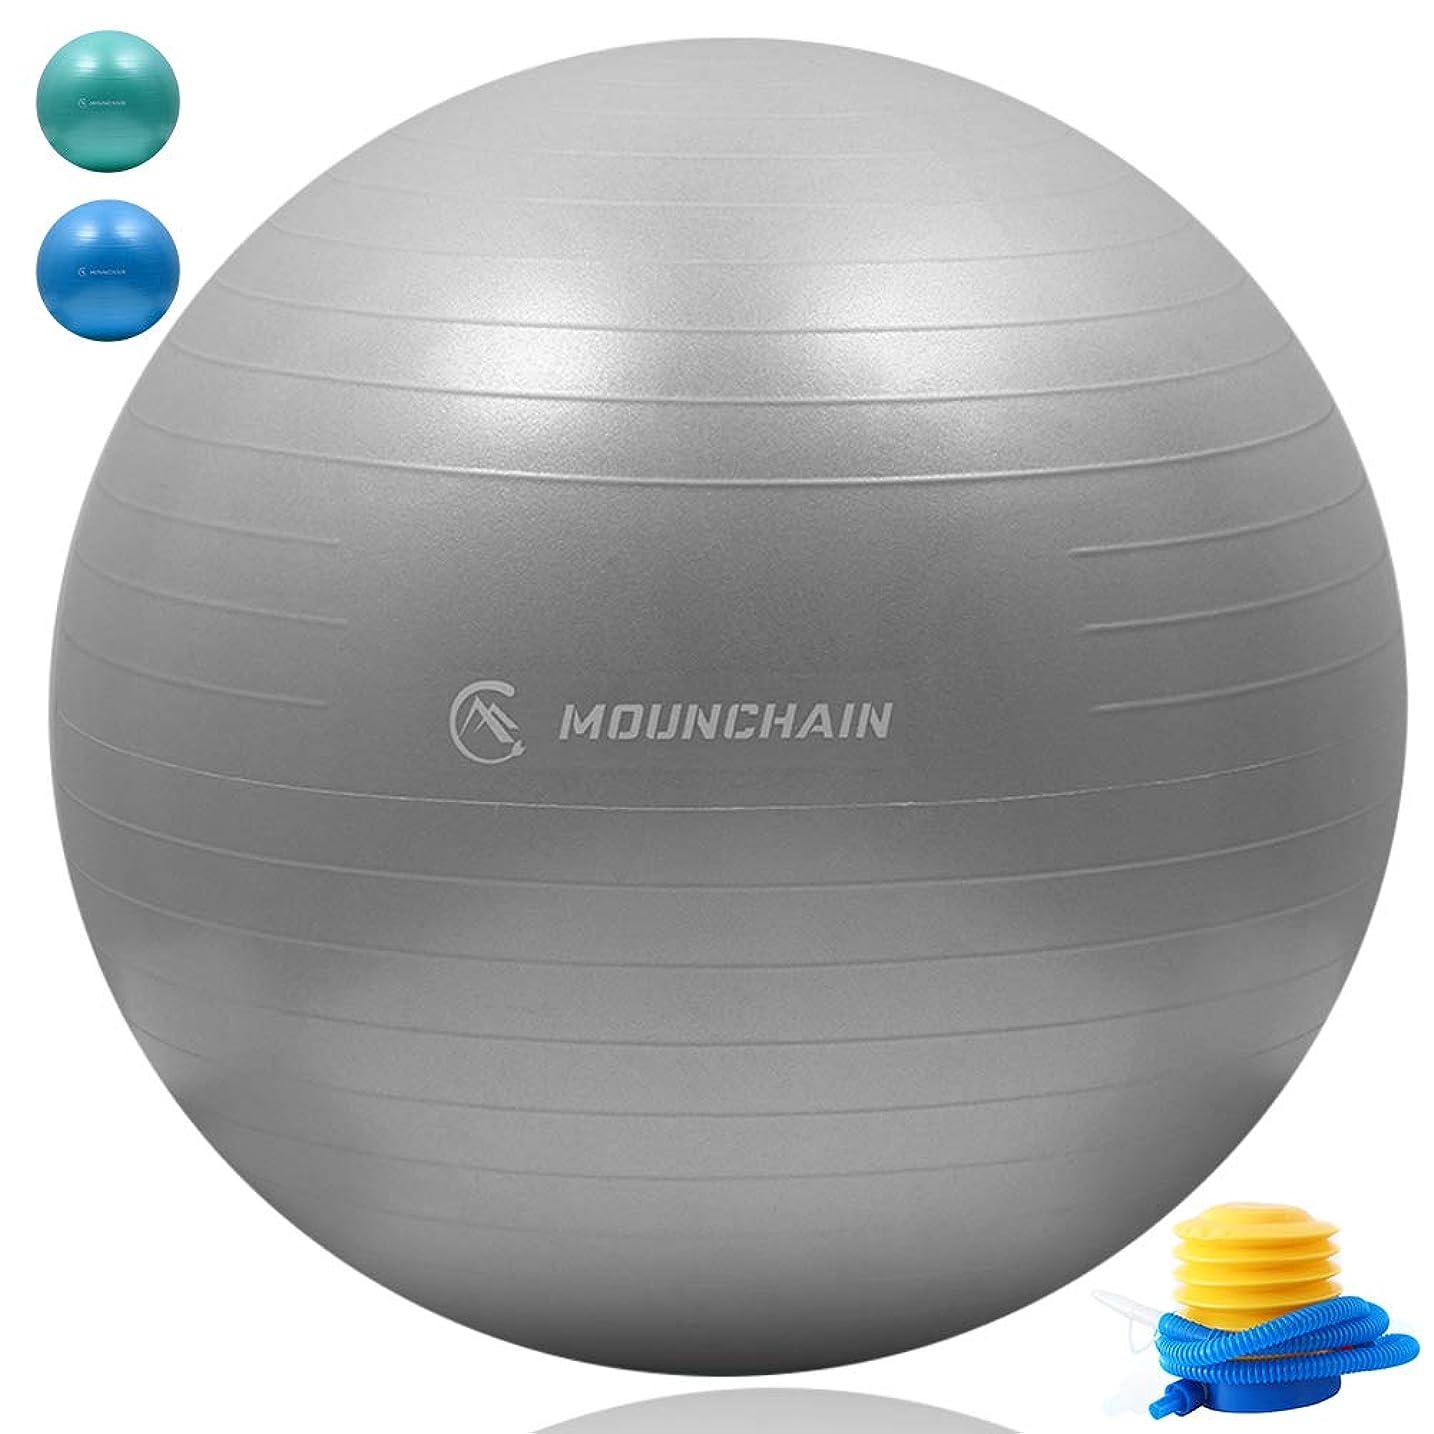 トランク毒別にMounchain バランスボール ヨガボール 分厚い 滑り止め加工 アンチバースト フットポンプ付き 55/65cm(3色)